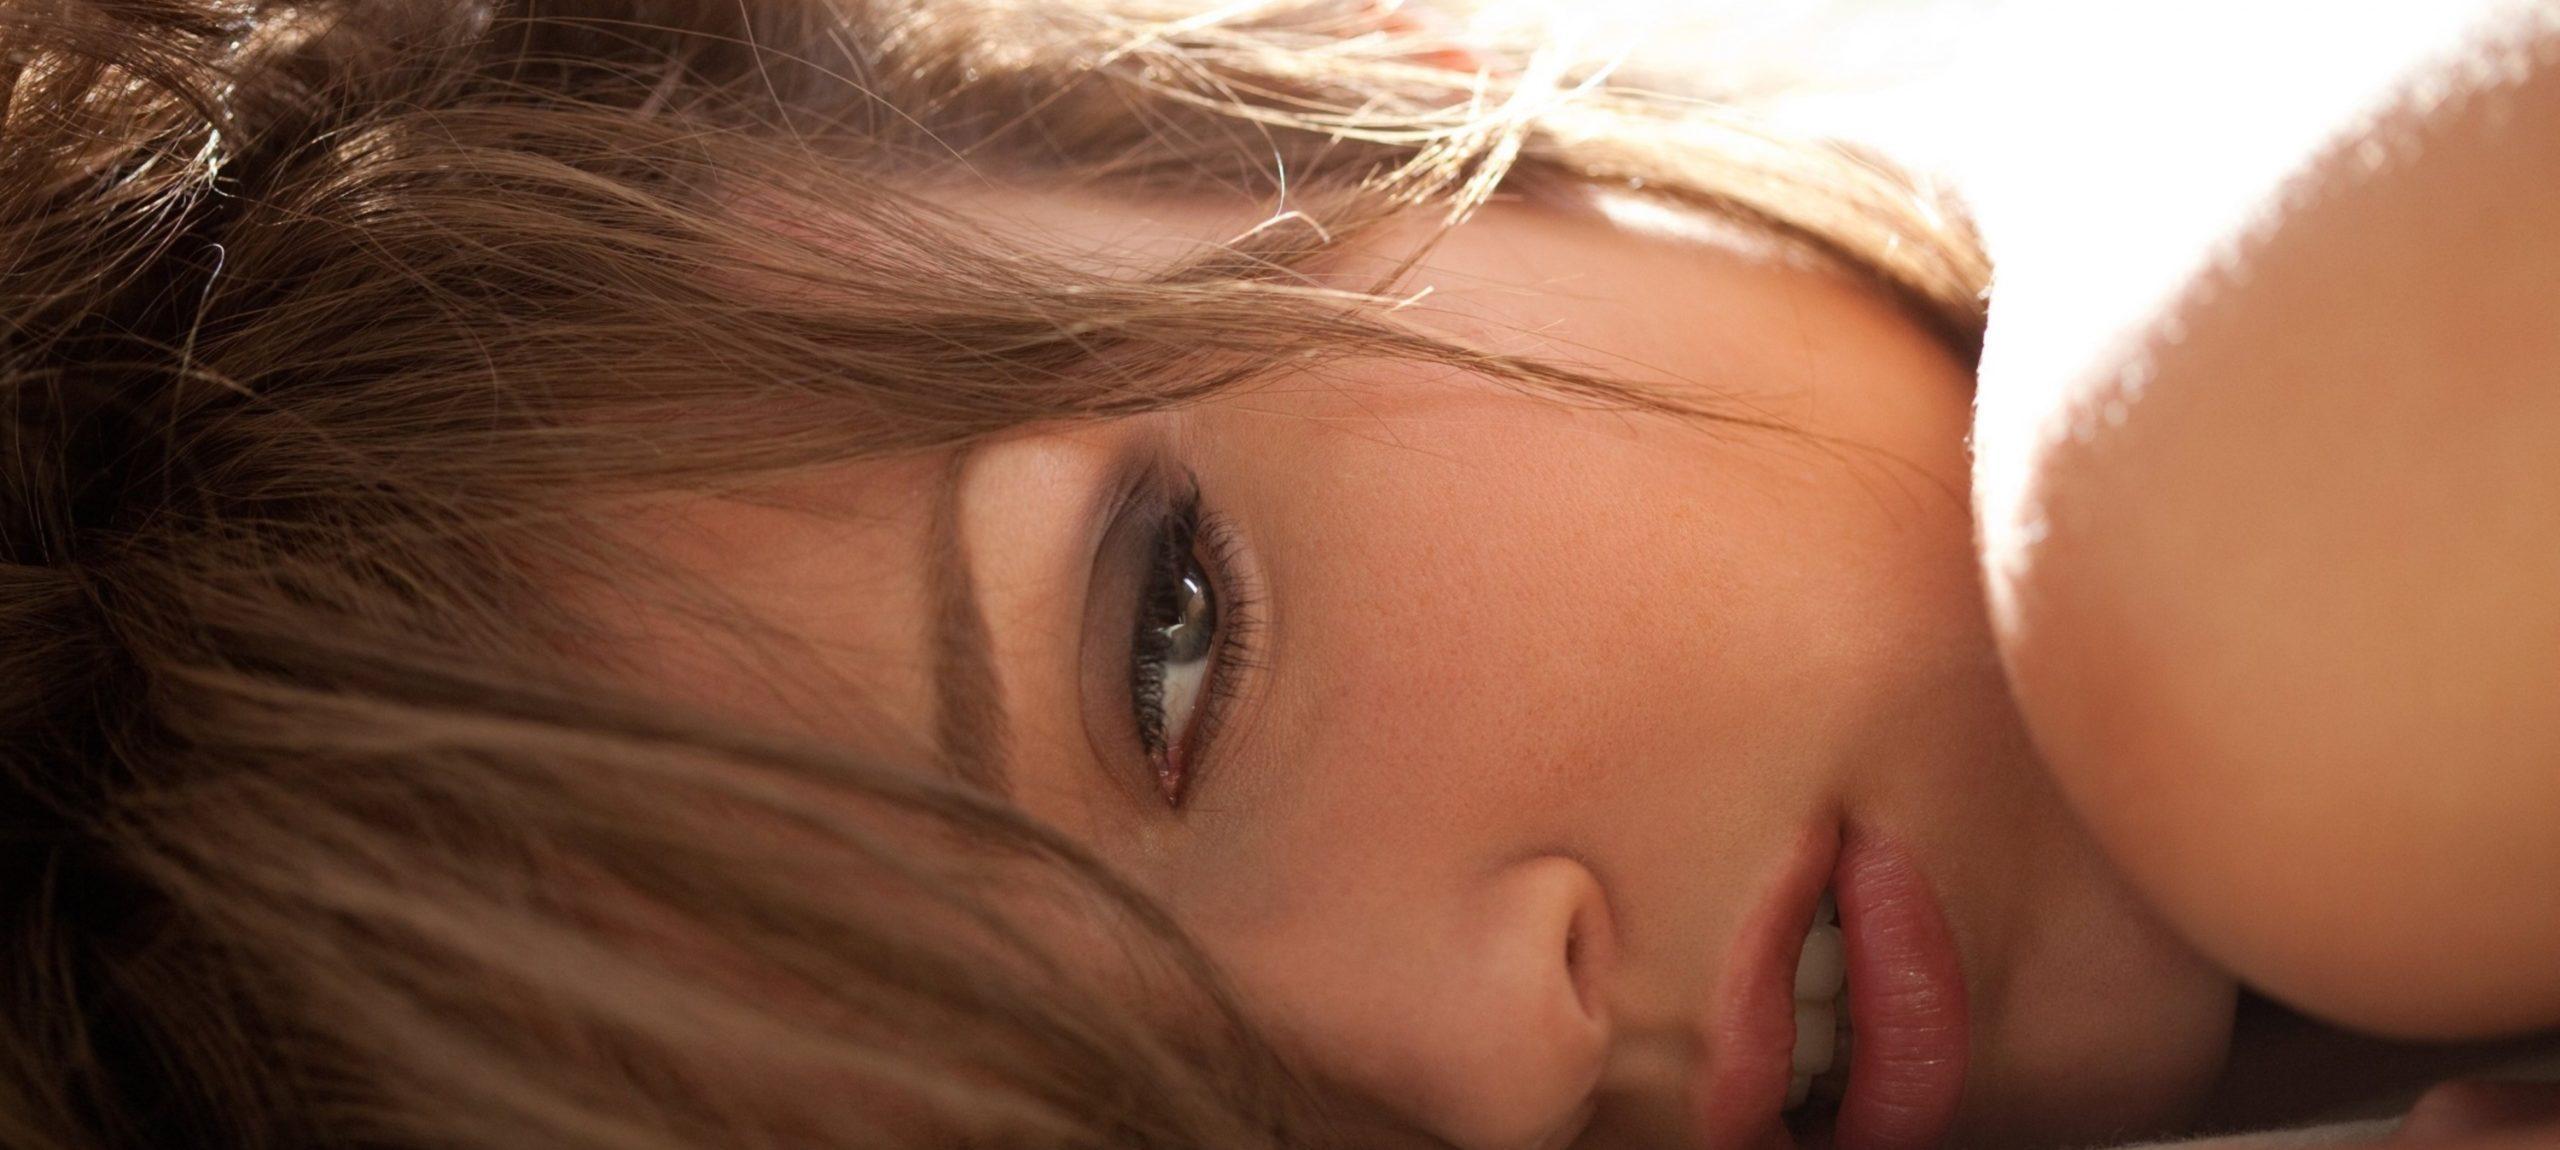 Приведите пример женской сексуальной фантазии